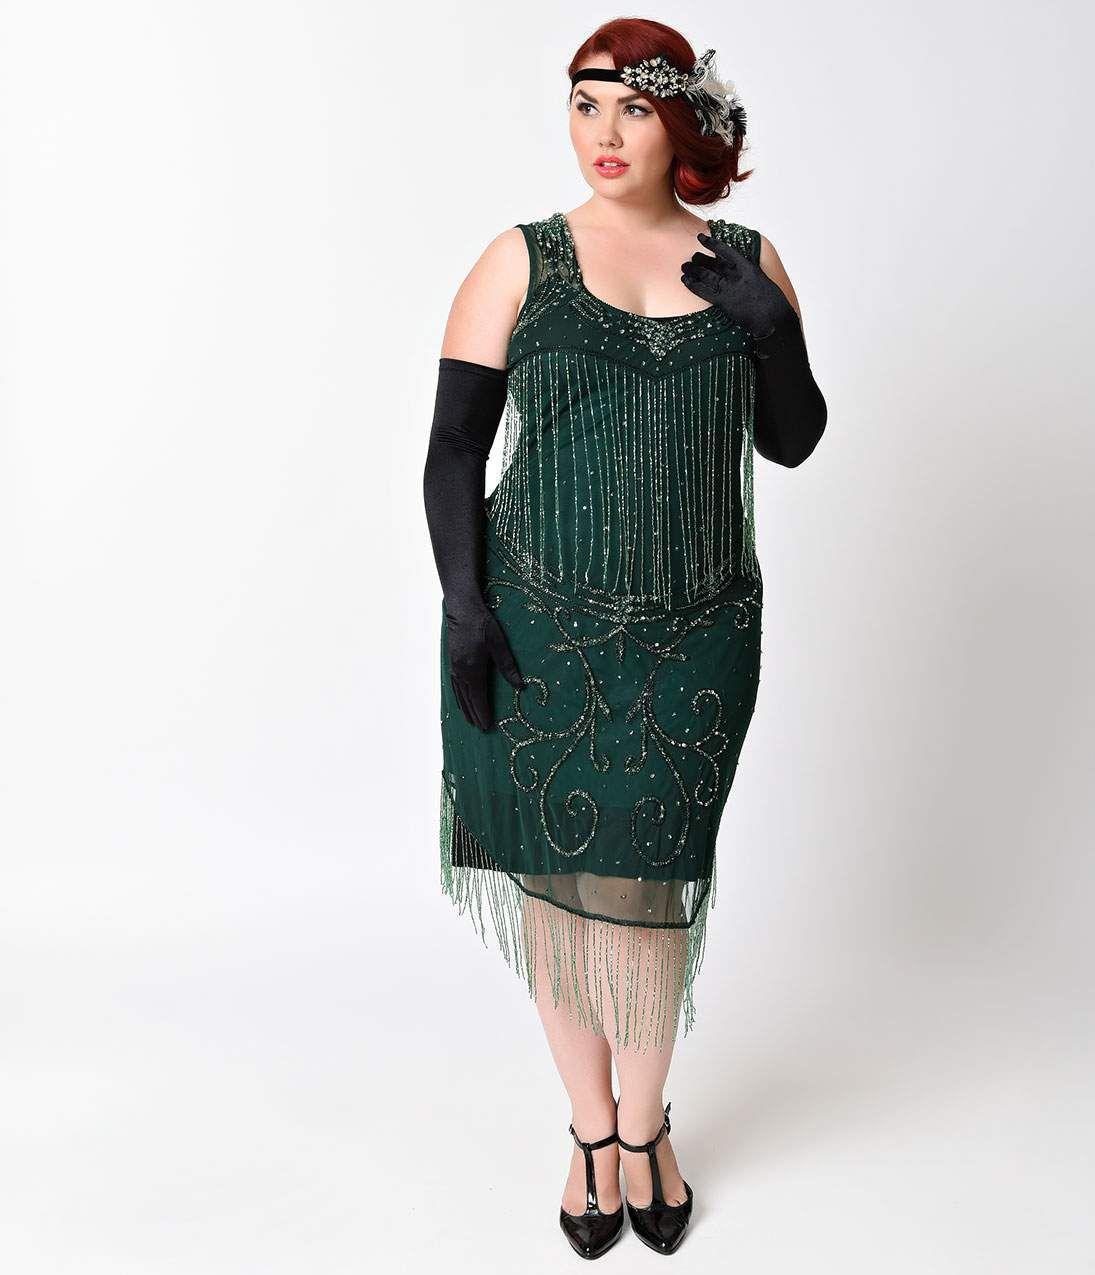 Plus Size Cocktail Dresses : 1920\'s Style Plus Size Cocktail Dress ...